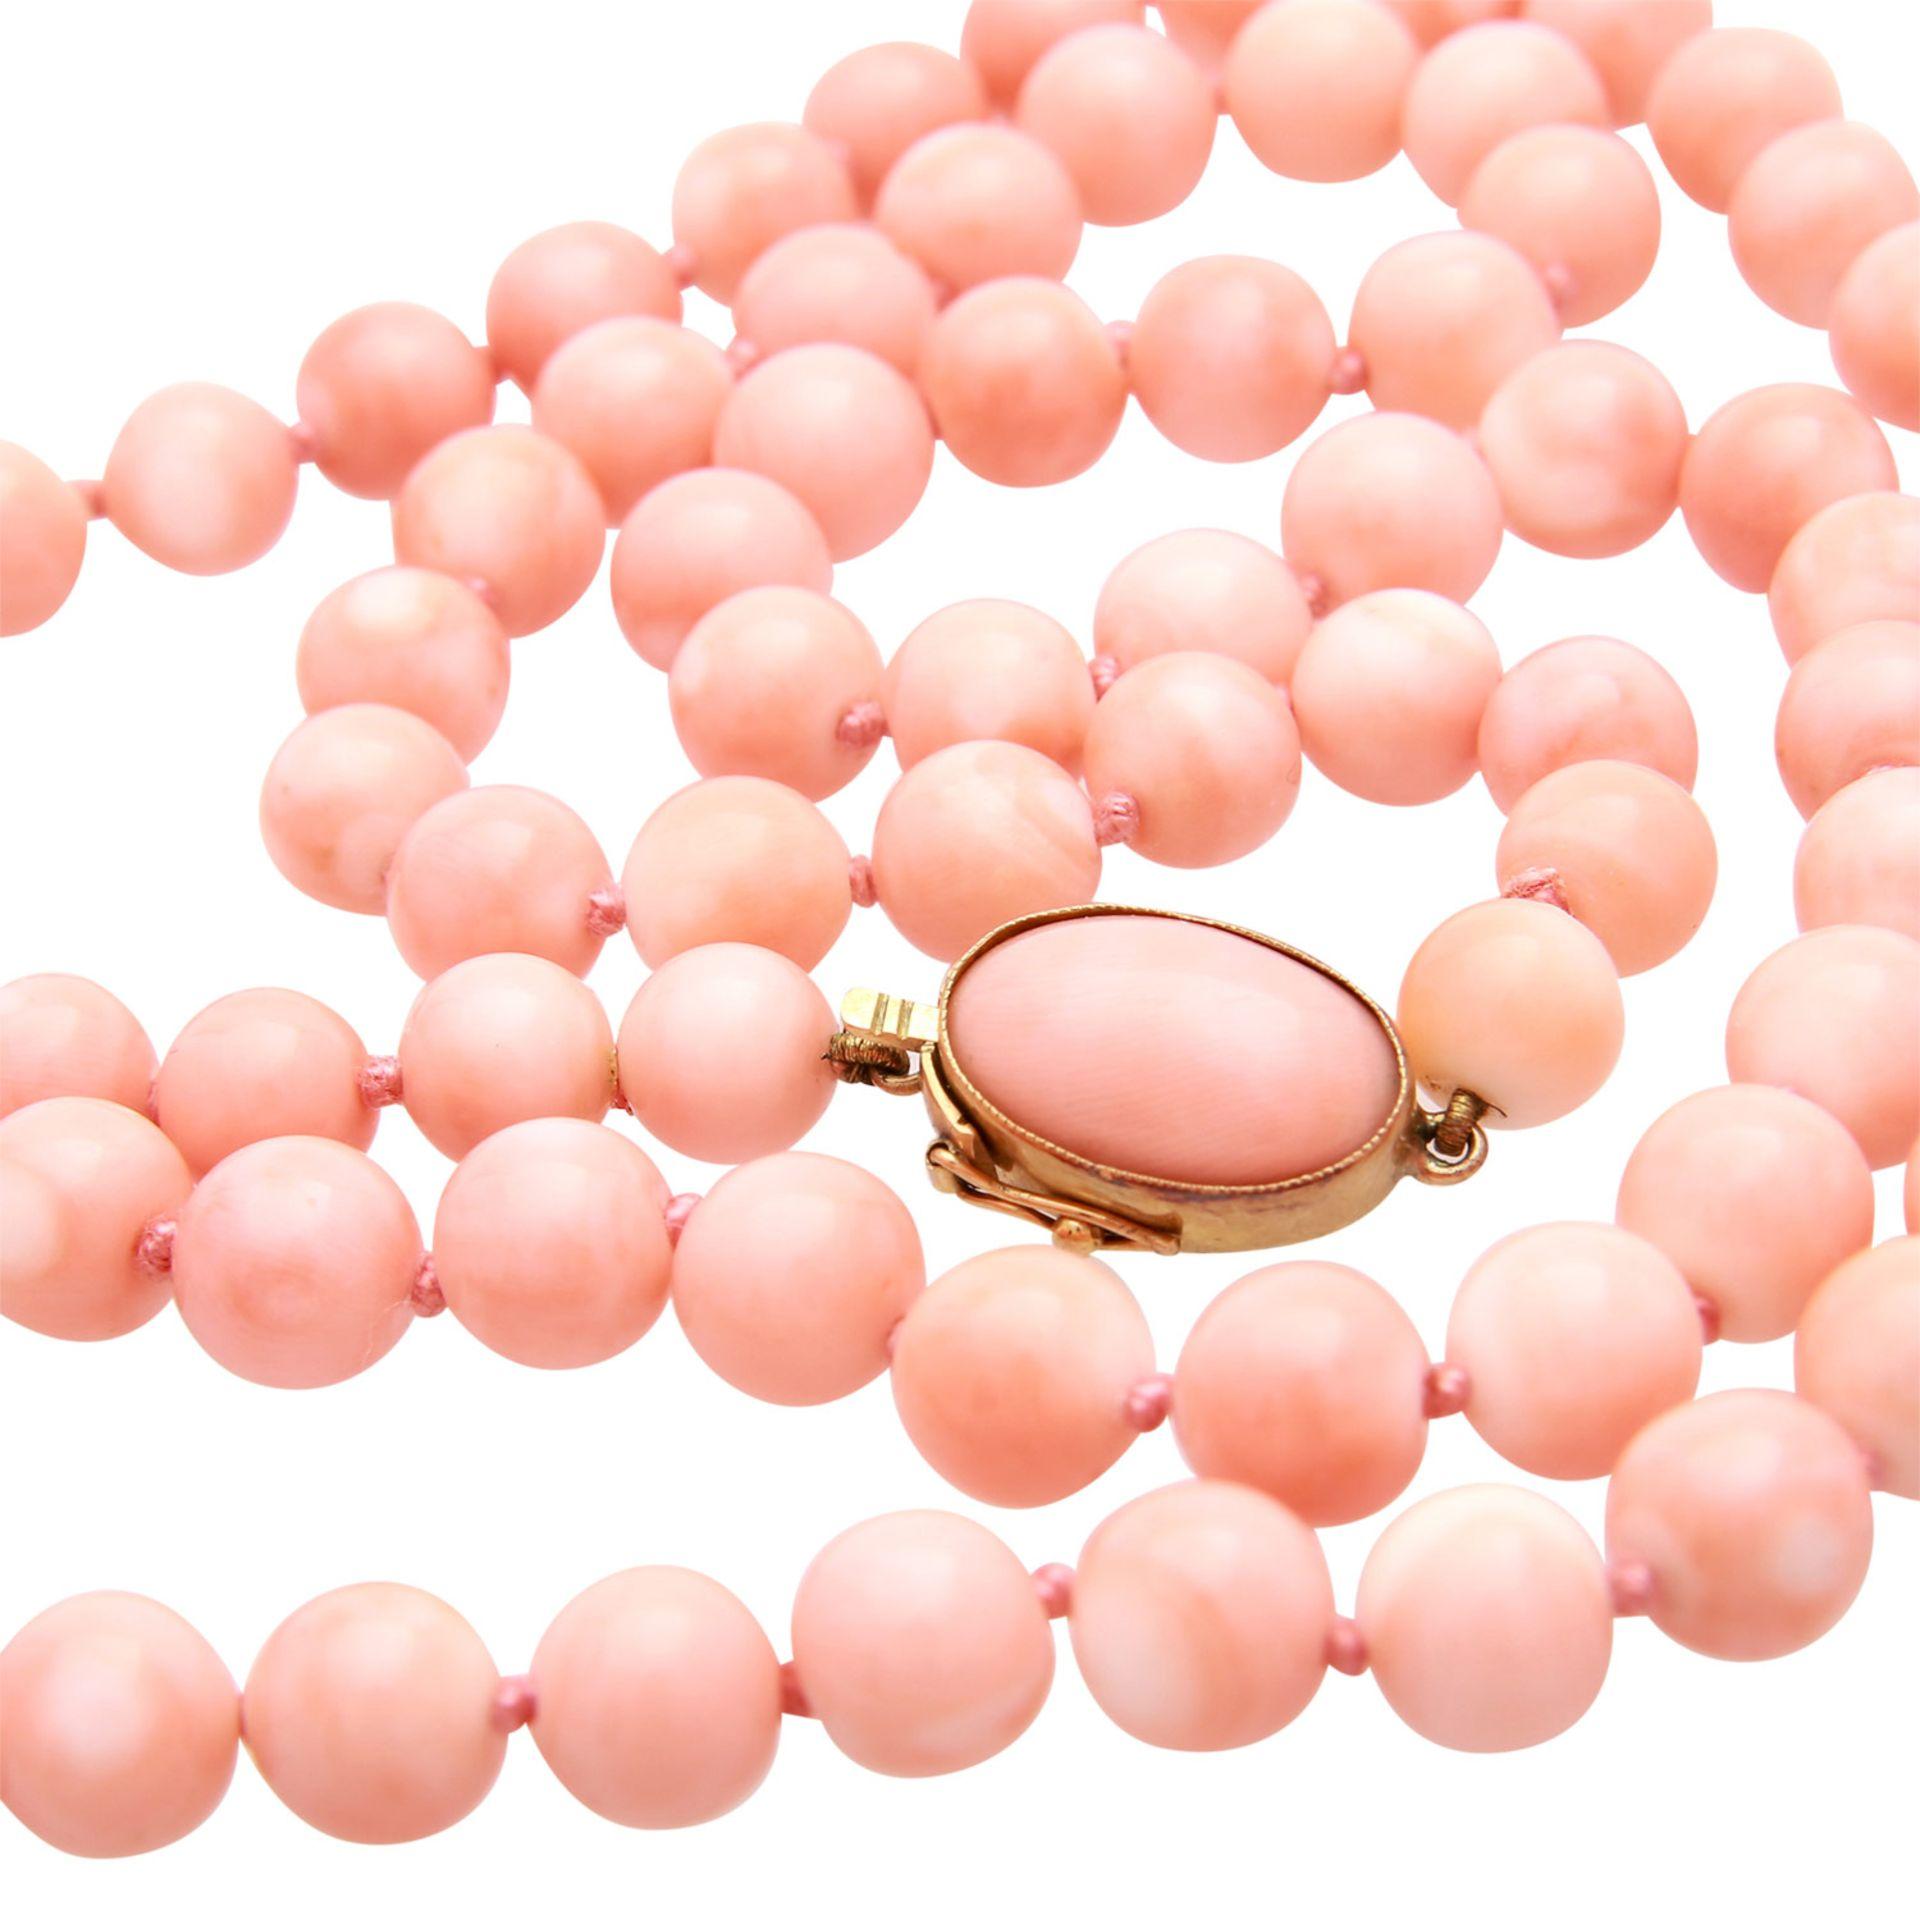 Los 114 - Lange Halskette aus feinen Edelkorallen-Kugeln, rosa-apricot-weiß meliert mit schönem Glanz. D: 7,